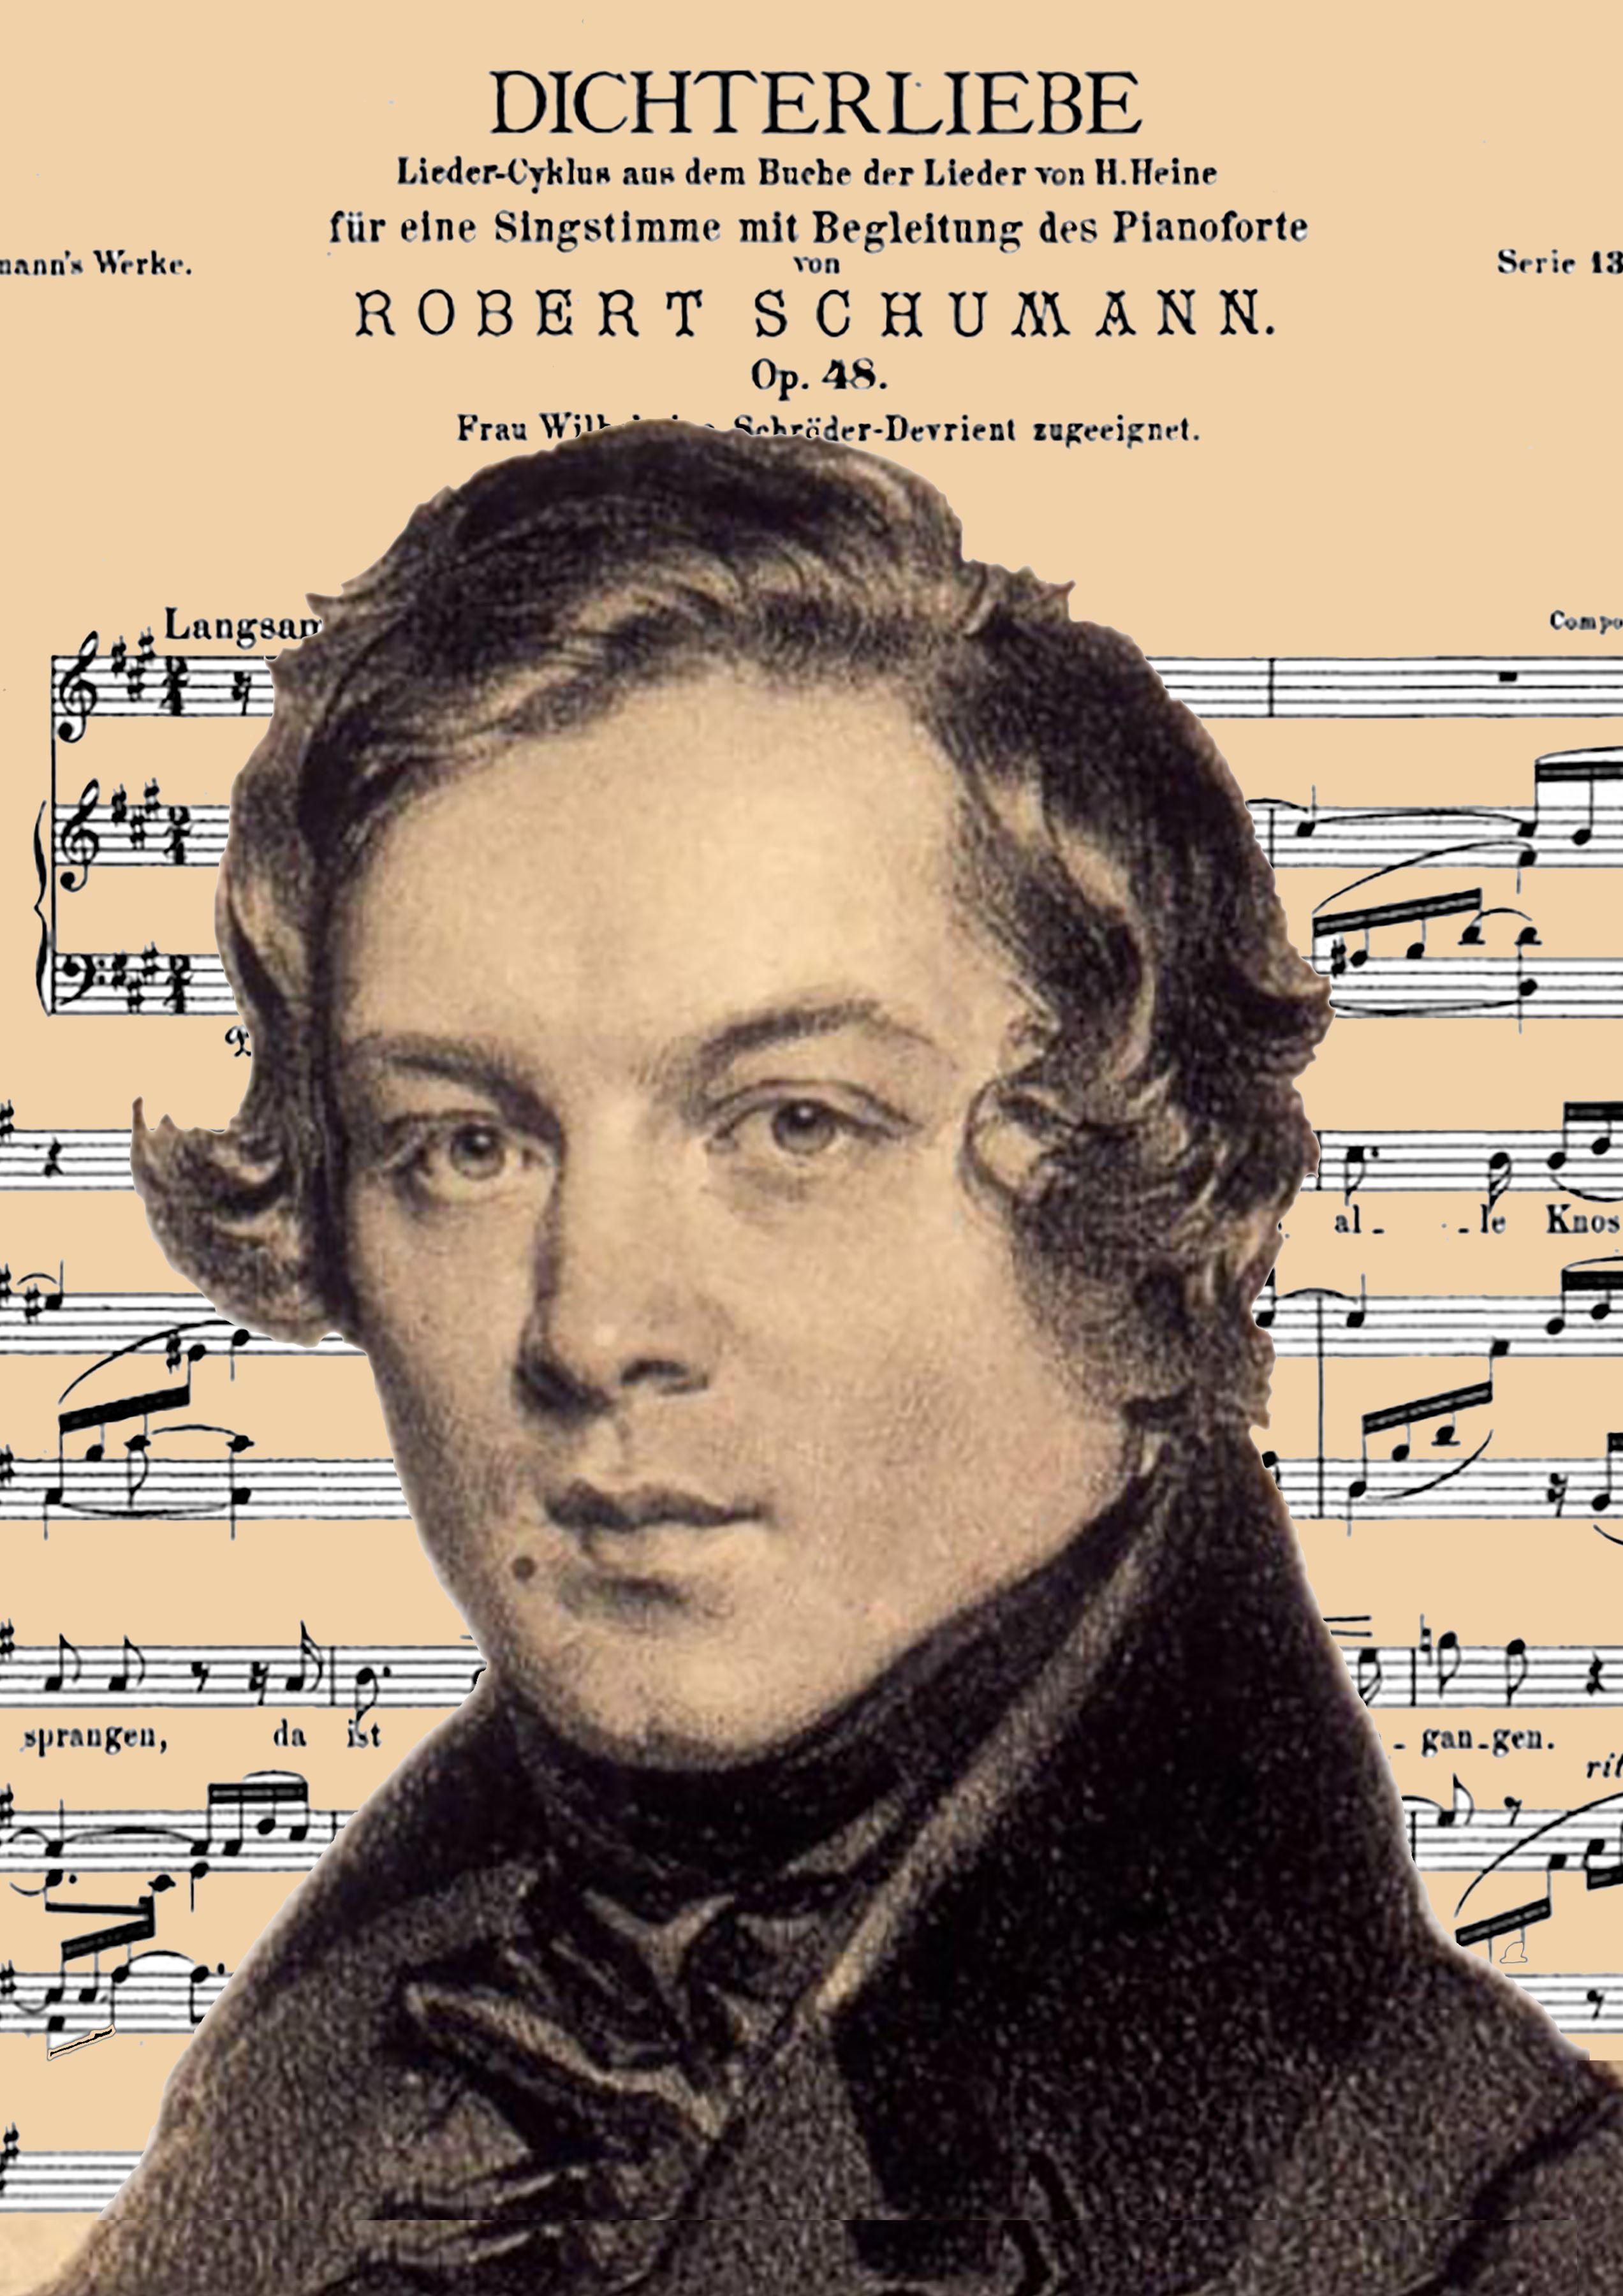 Dichterliebe-Kinderszenen of Robert Schumann